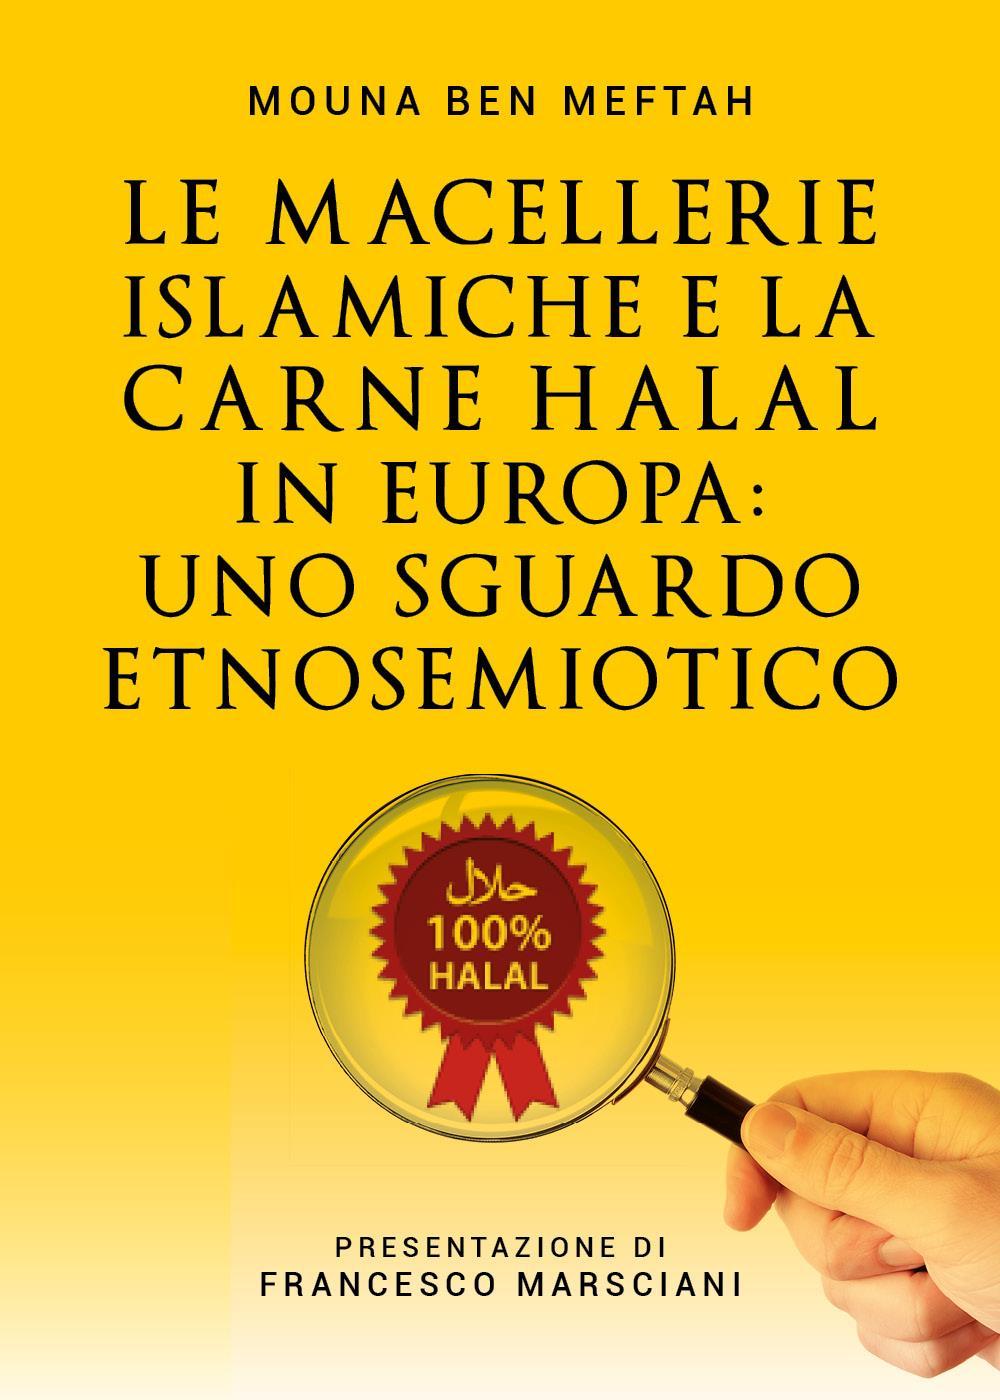 Le Macellerie Islamiche e la carne Halal in Europa: Uno sguardo Etnosemiotico